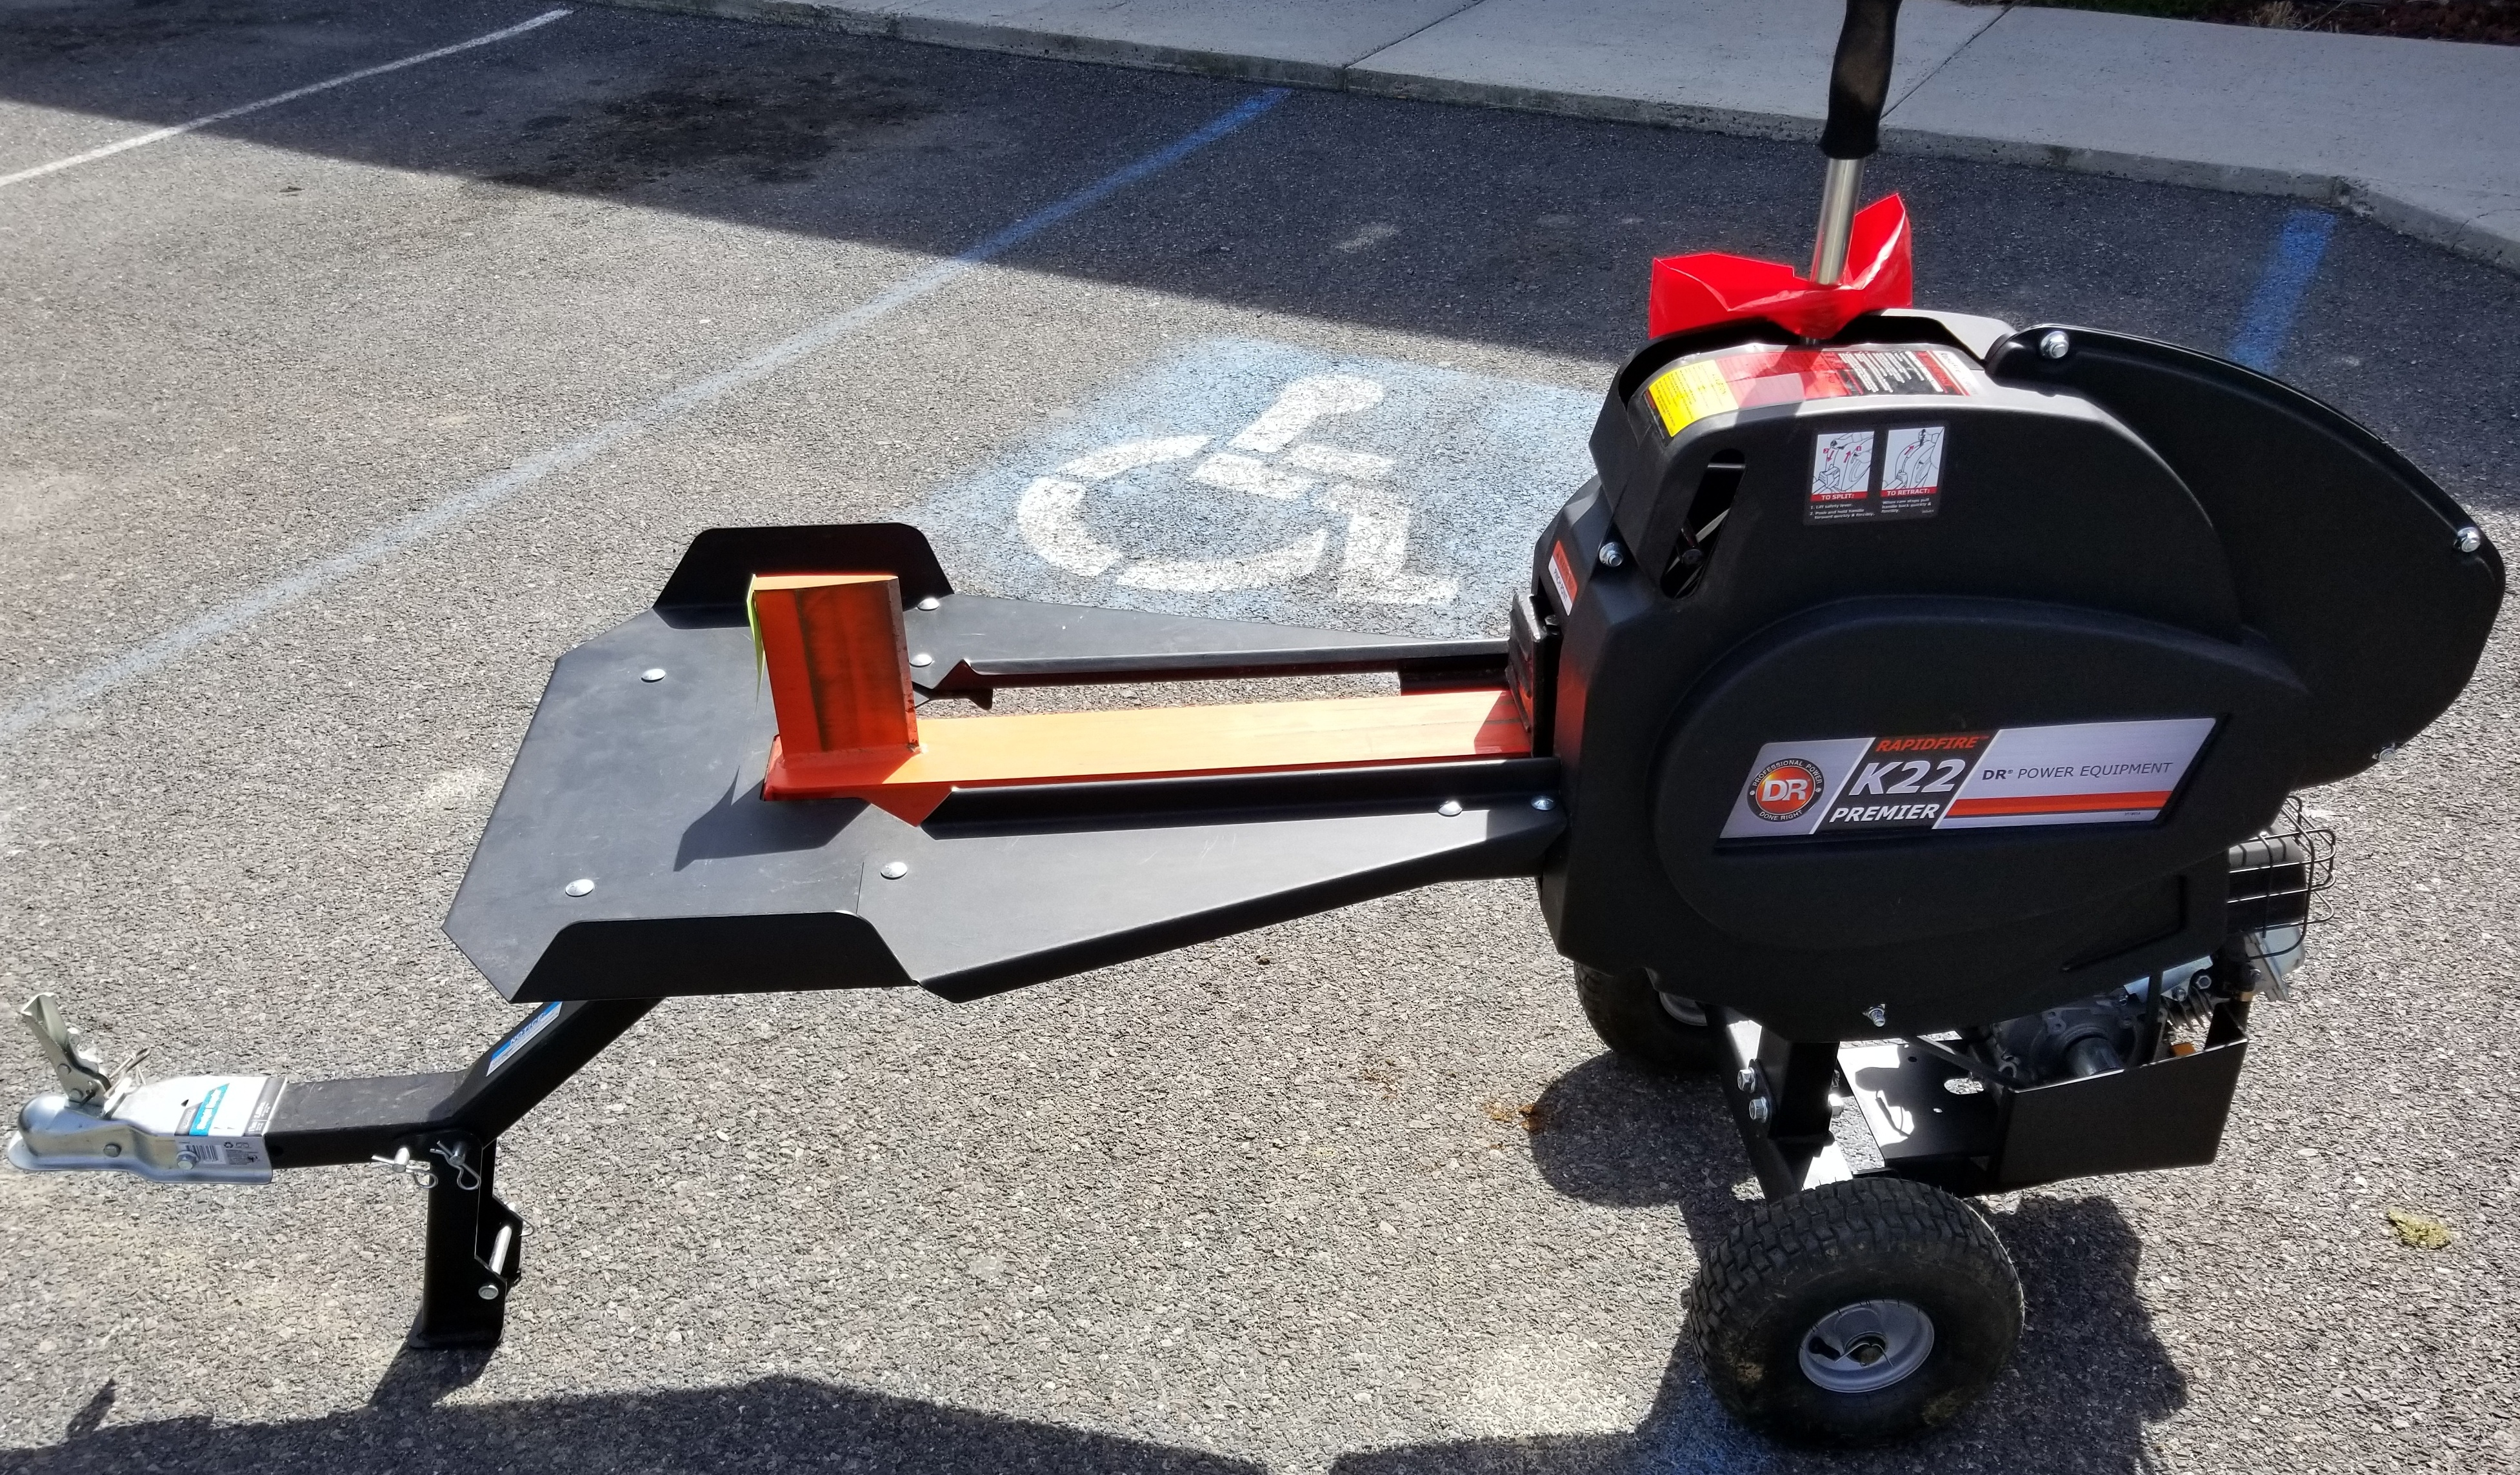 DR PREMIER - K22 - RAPID FIRE LOG SPLITTER - ENGINE MODEL R100-III 345061, TOW KIT, TABLE KIT #37195